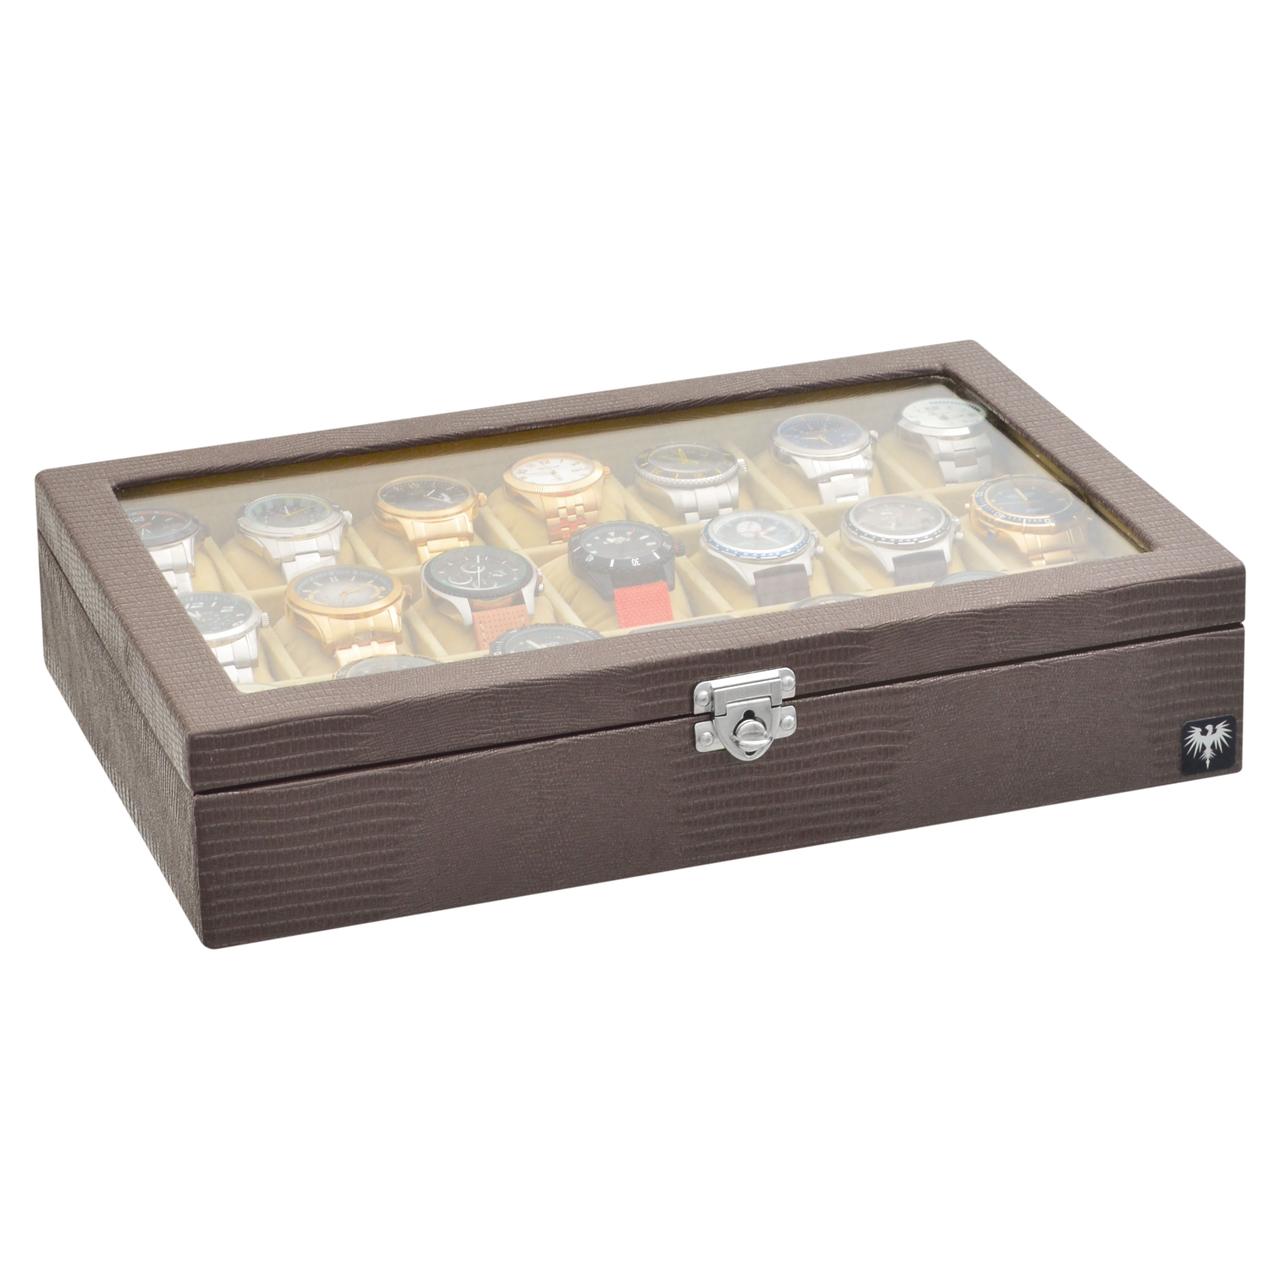 estojo-couro-ecologico-21-relogios-marrom-bege-porta-caixa-imagem-10.jpg